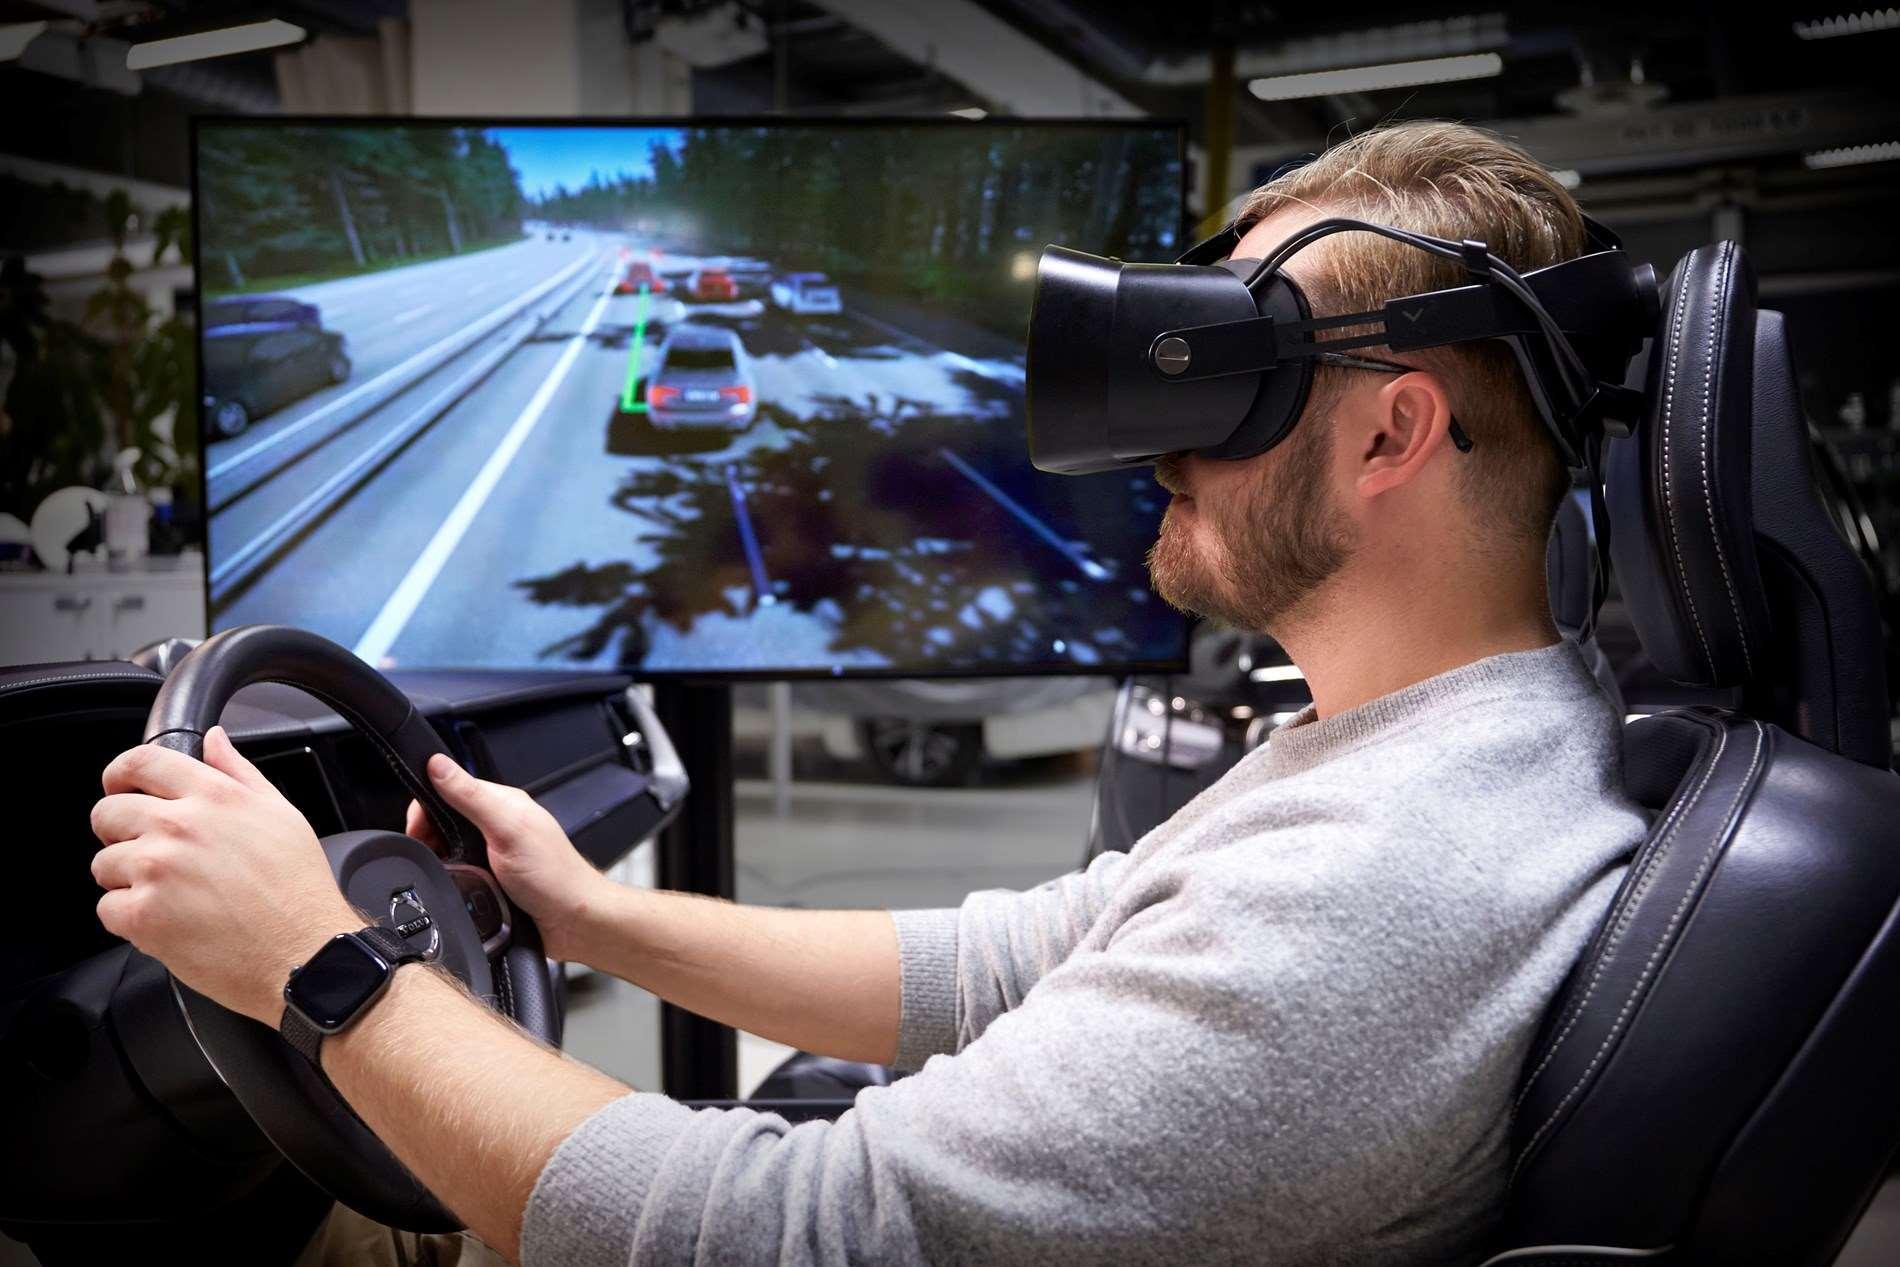 'Ultieme rijsimulator' van Volvo Cars gebruikt nieuwste gamingtechnologie om veiligere wagens te ontwikkelen